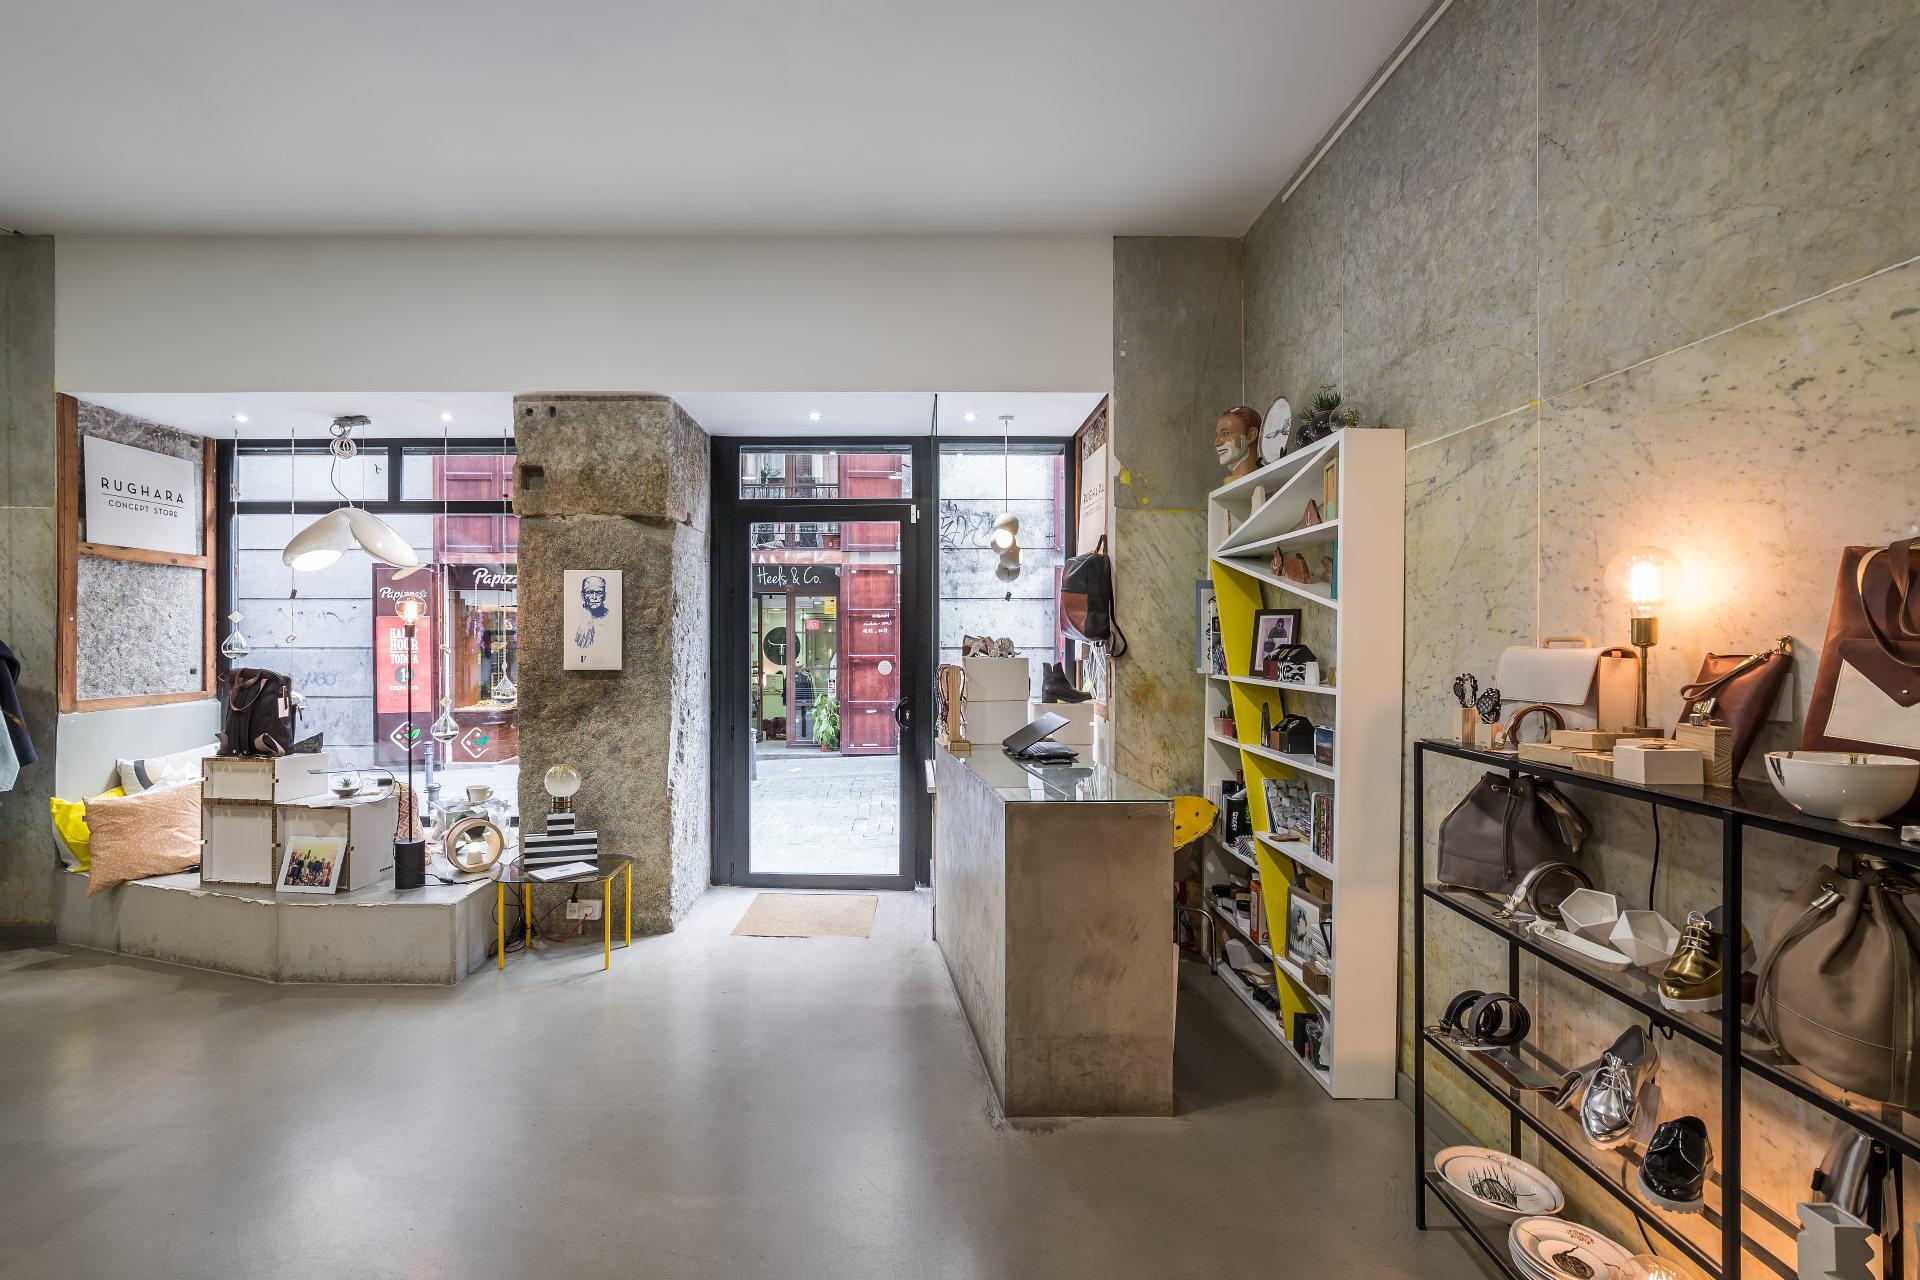 fotografia-arquitectura-interiorismo-valencia-german-cabo-viraje-casa-quiroga-madrid (4)